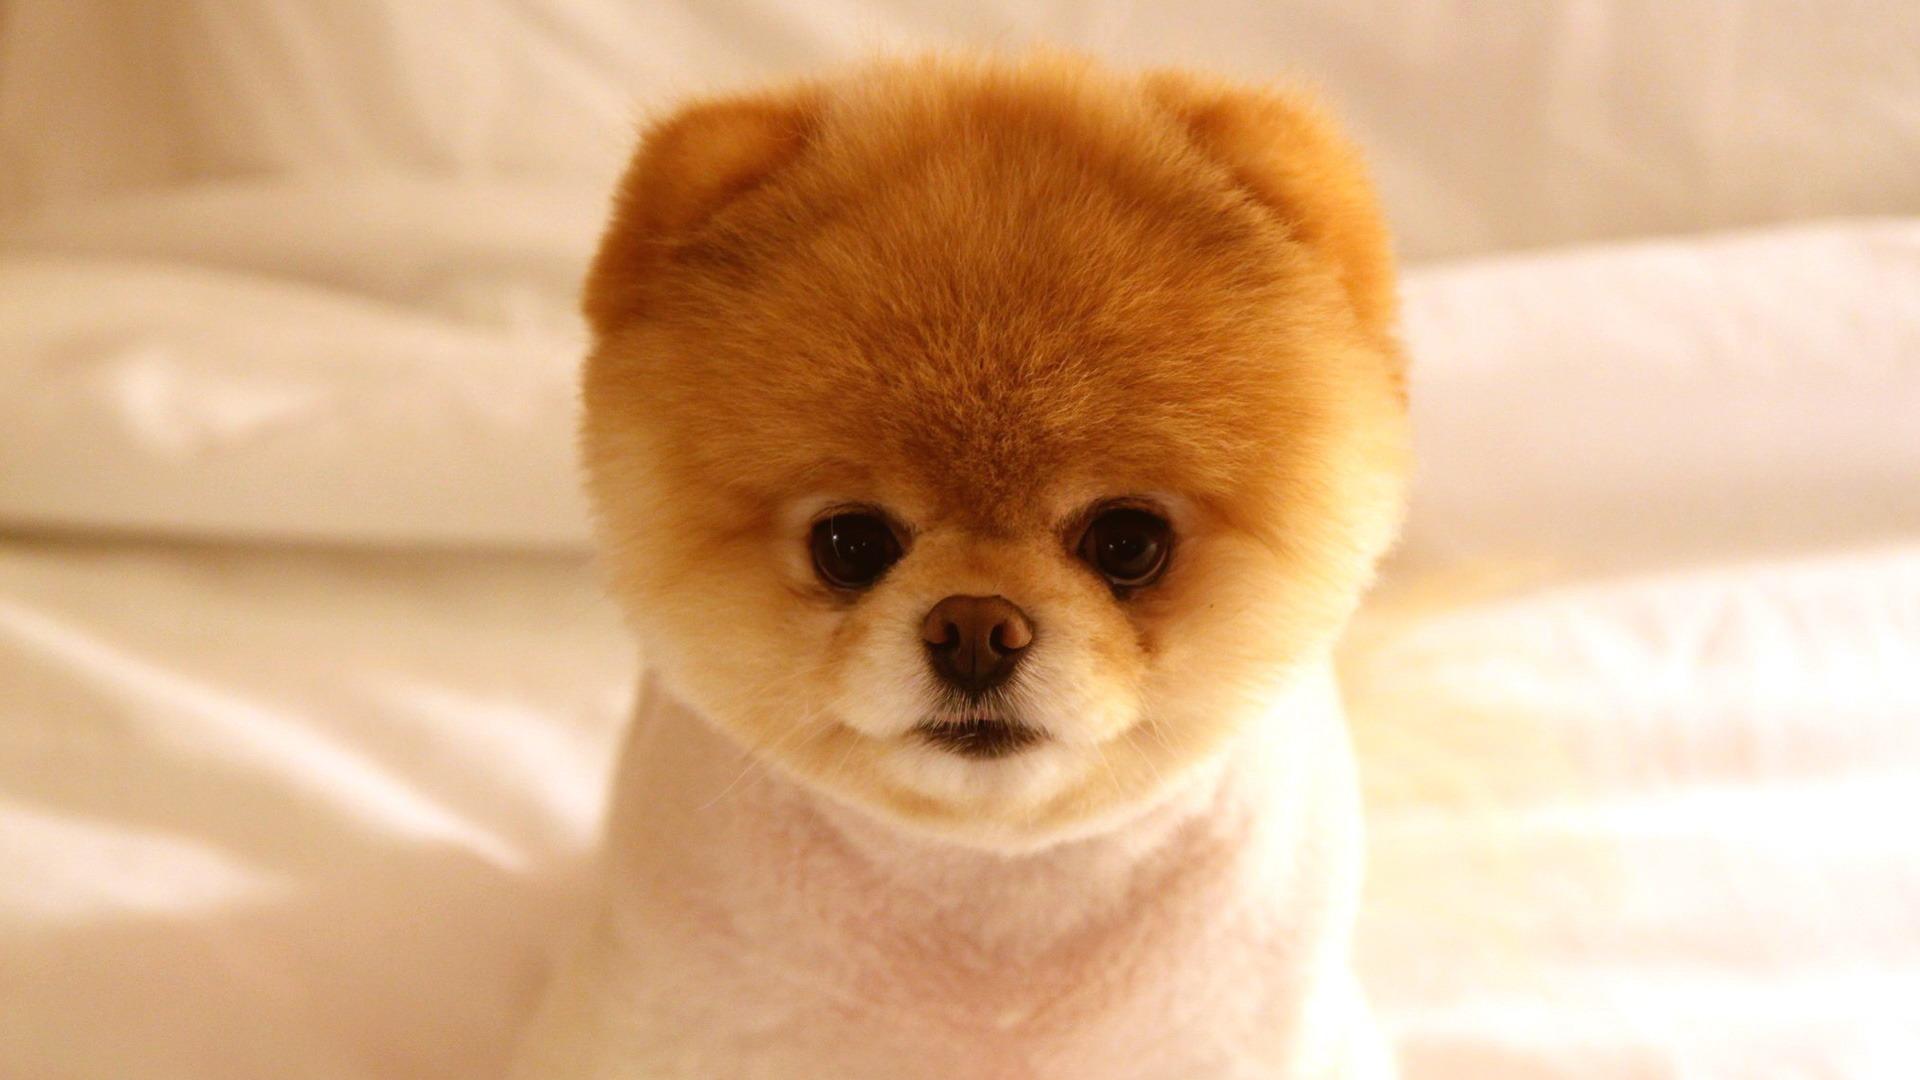 かわいい犬ブー 動物写真の壁紙プレビュー 10wallpaper Com